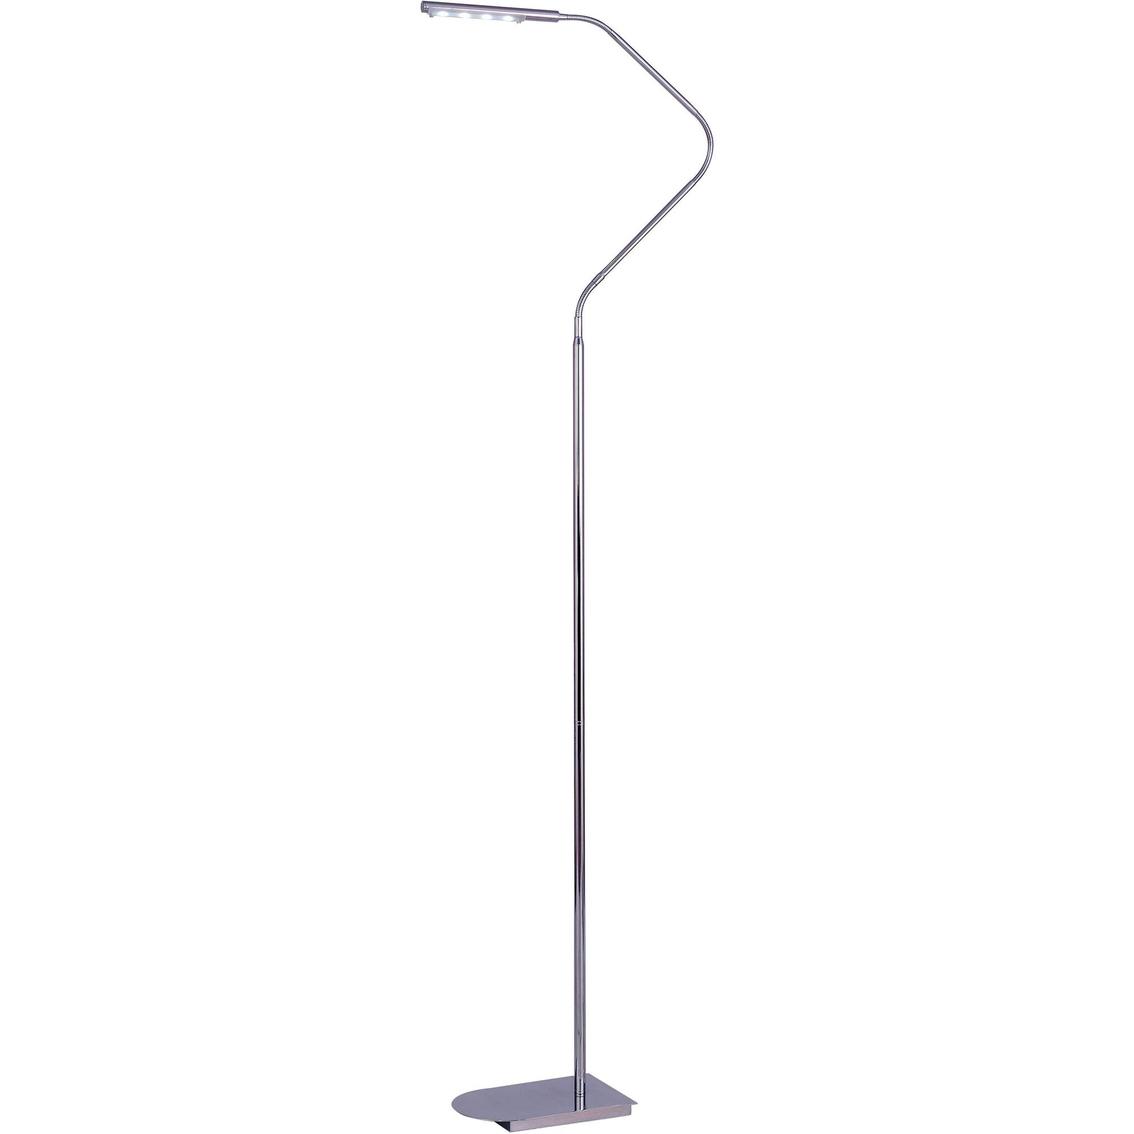 Kenroy Home Bently 87 In. LED Floor Lamp